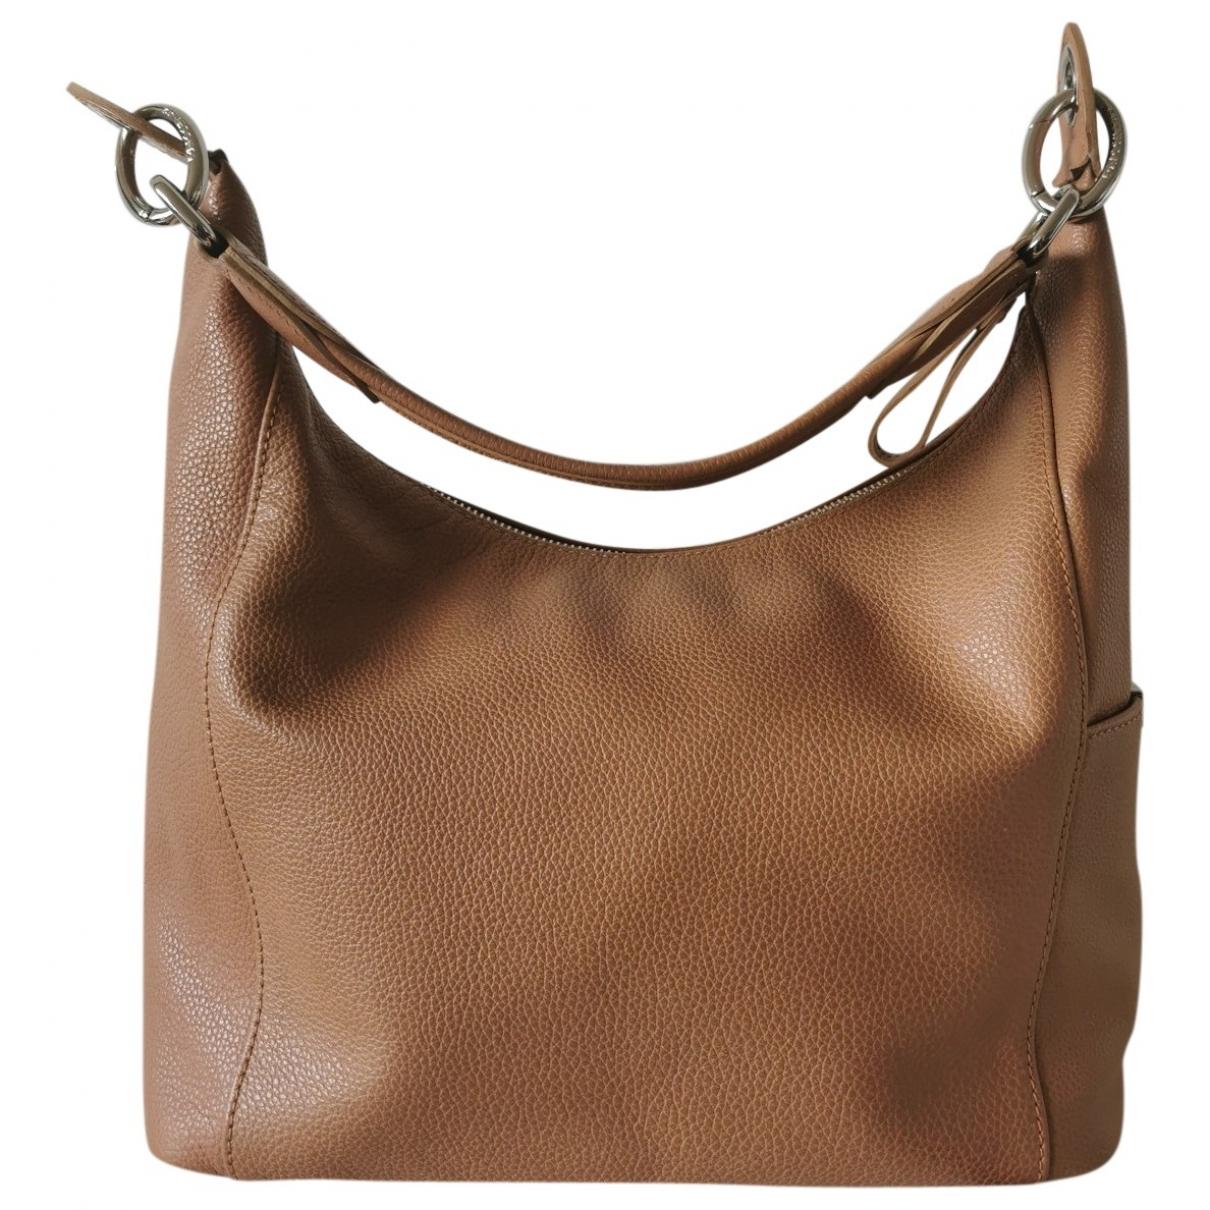 Longchamp - Sac a main   pour femme en cuir - camel